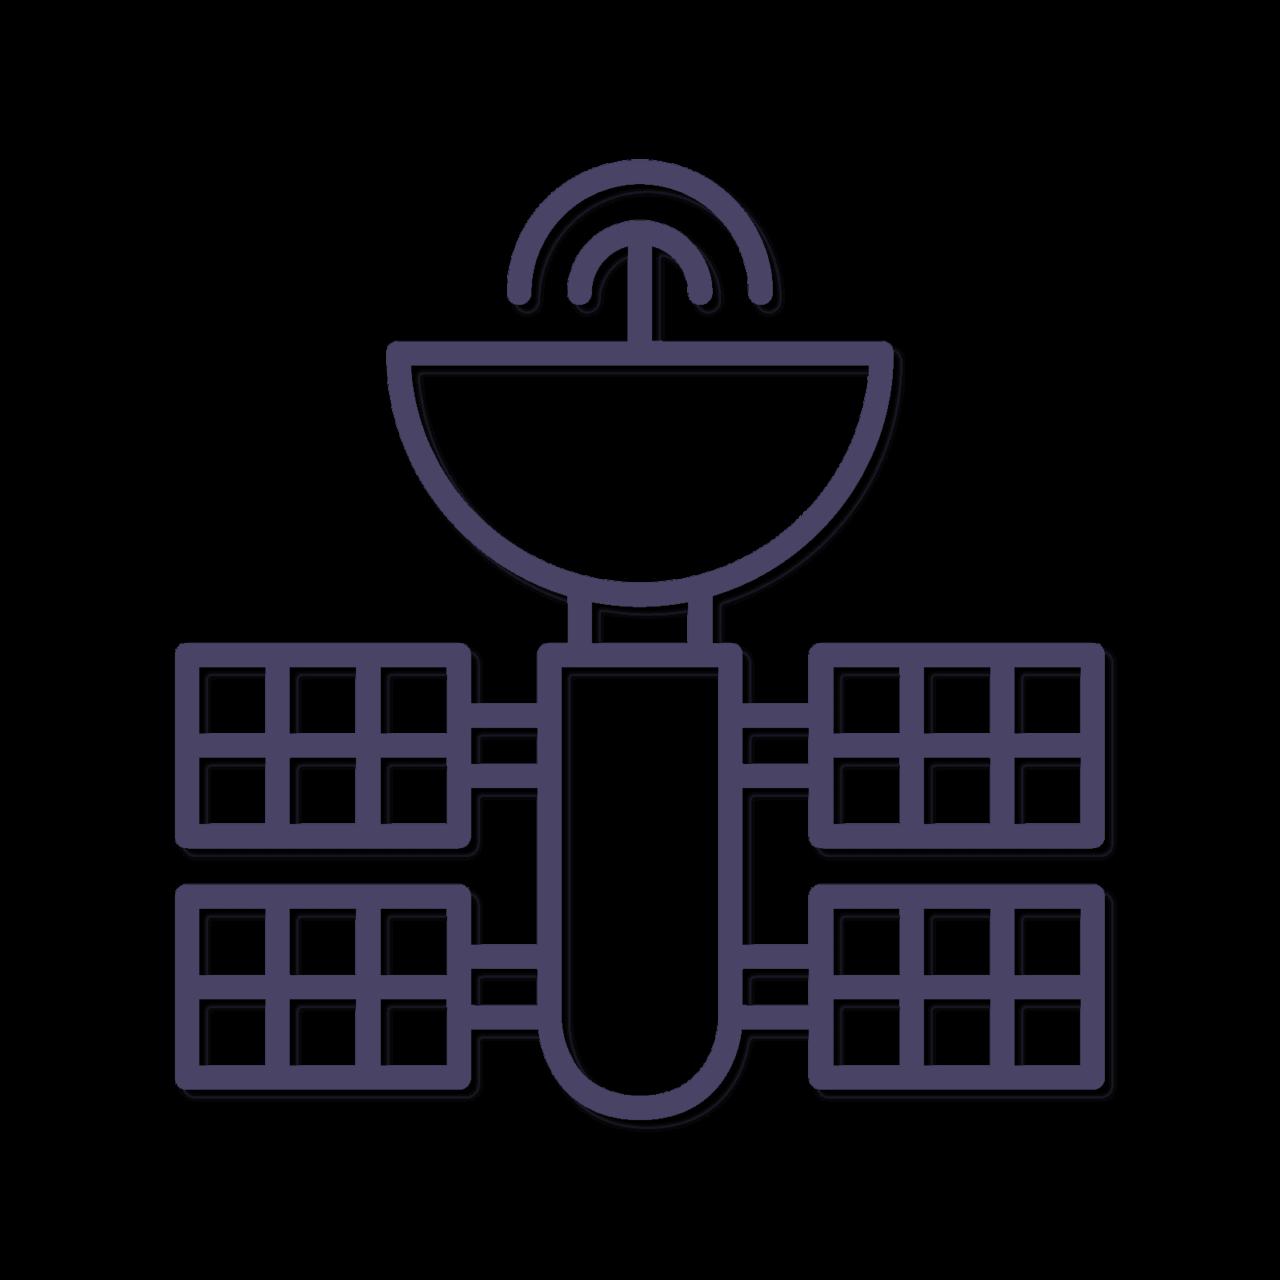 lourdes quiroga icono media 103 1600x1600 c - Dra. Lourdes Quiroga Etienne